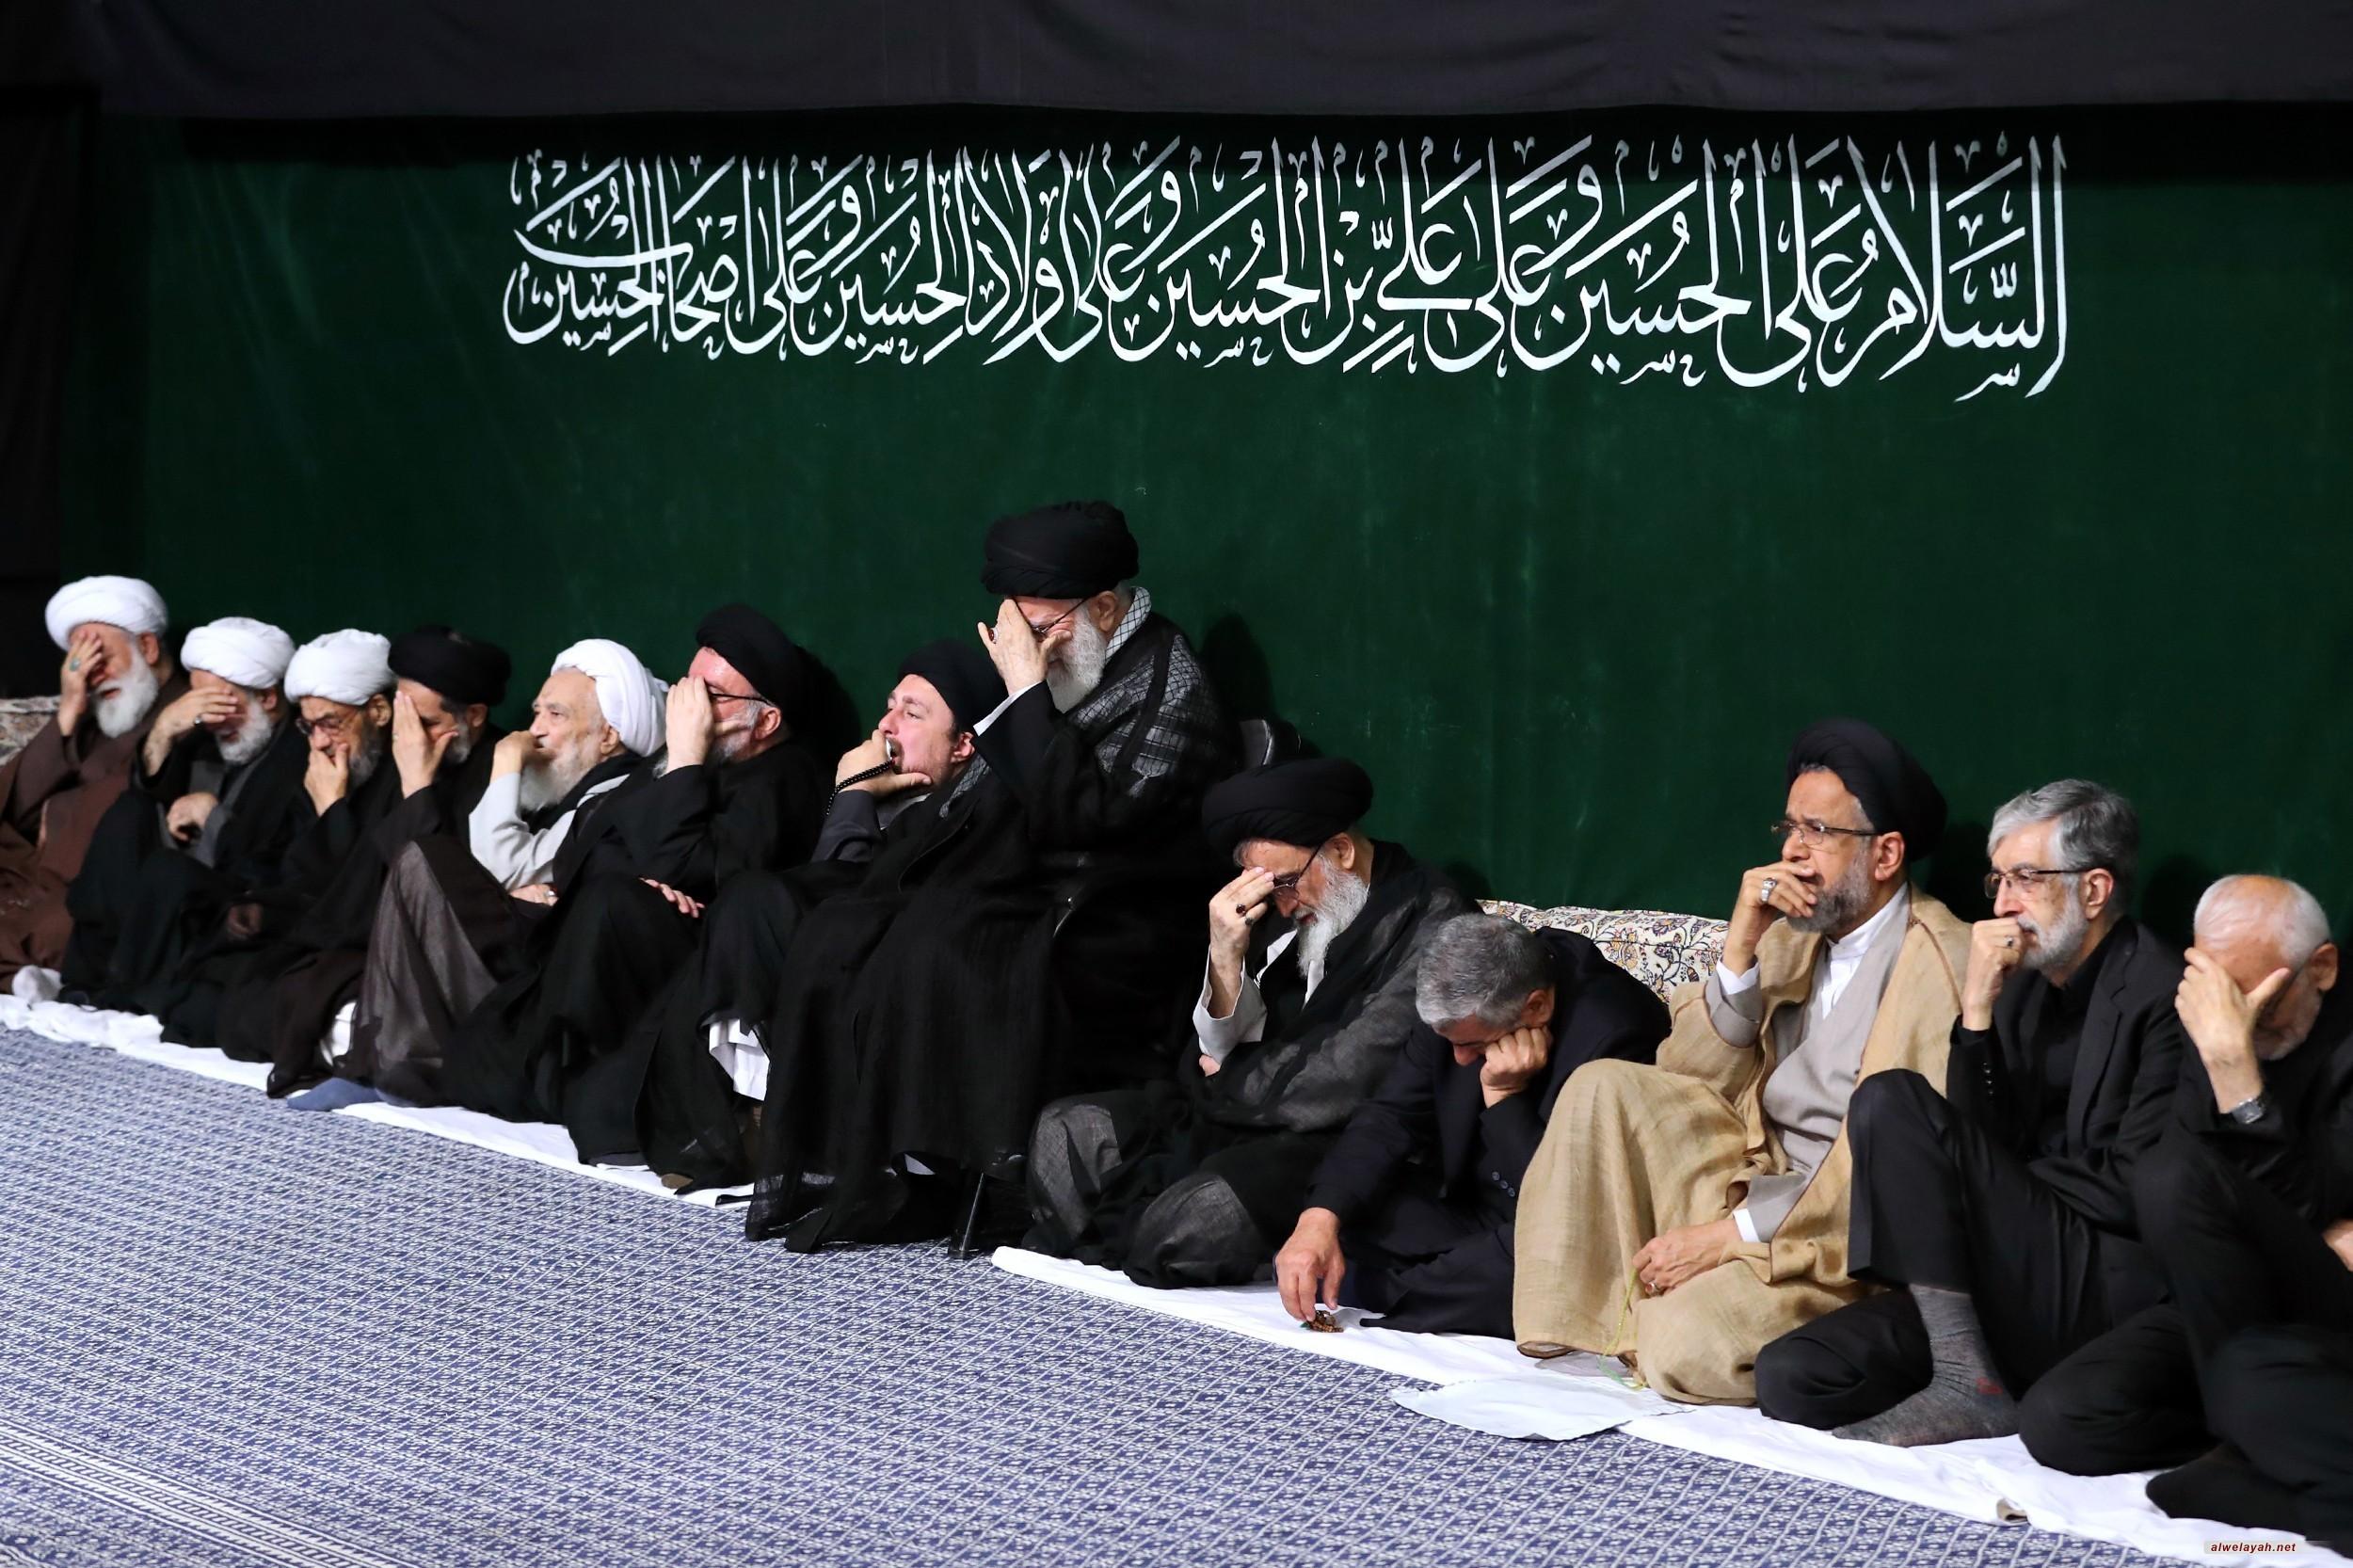 بحضور قائد الثورة الإسلامية..إقامة مراسم الليلة الأولى لعزاء سيد الشهداء أبي عبد الحسين (ع)